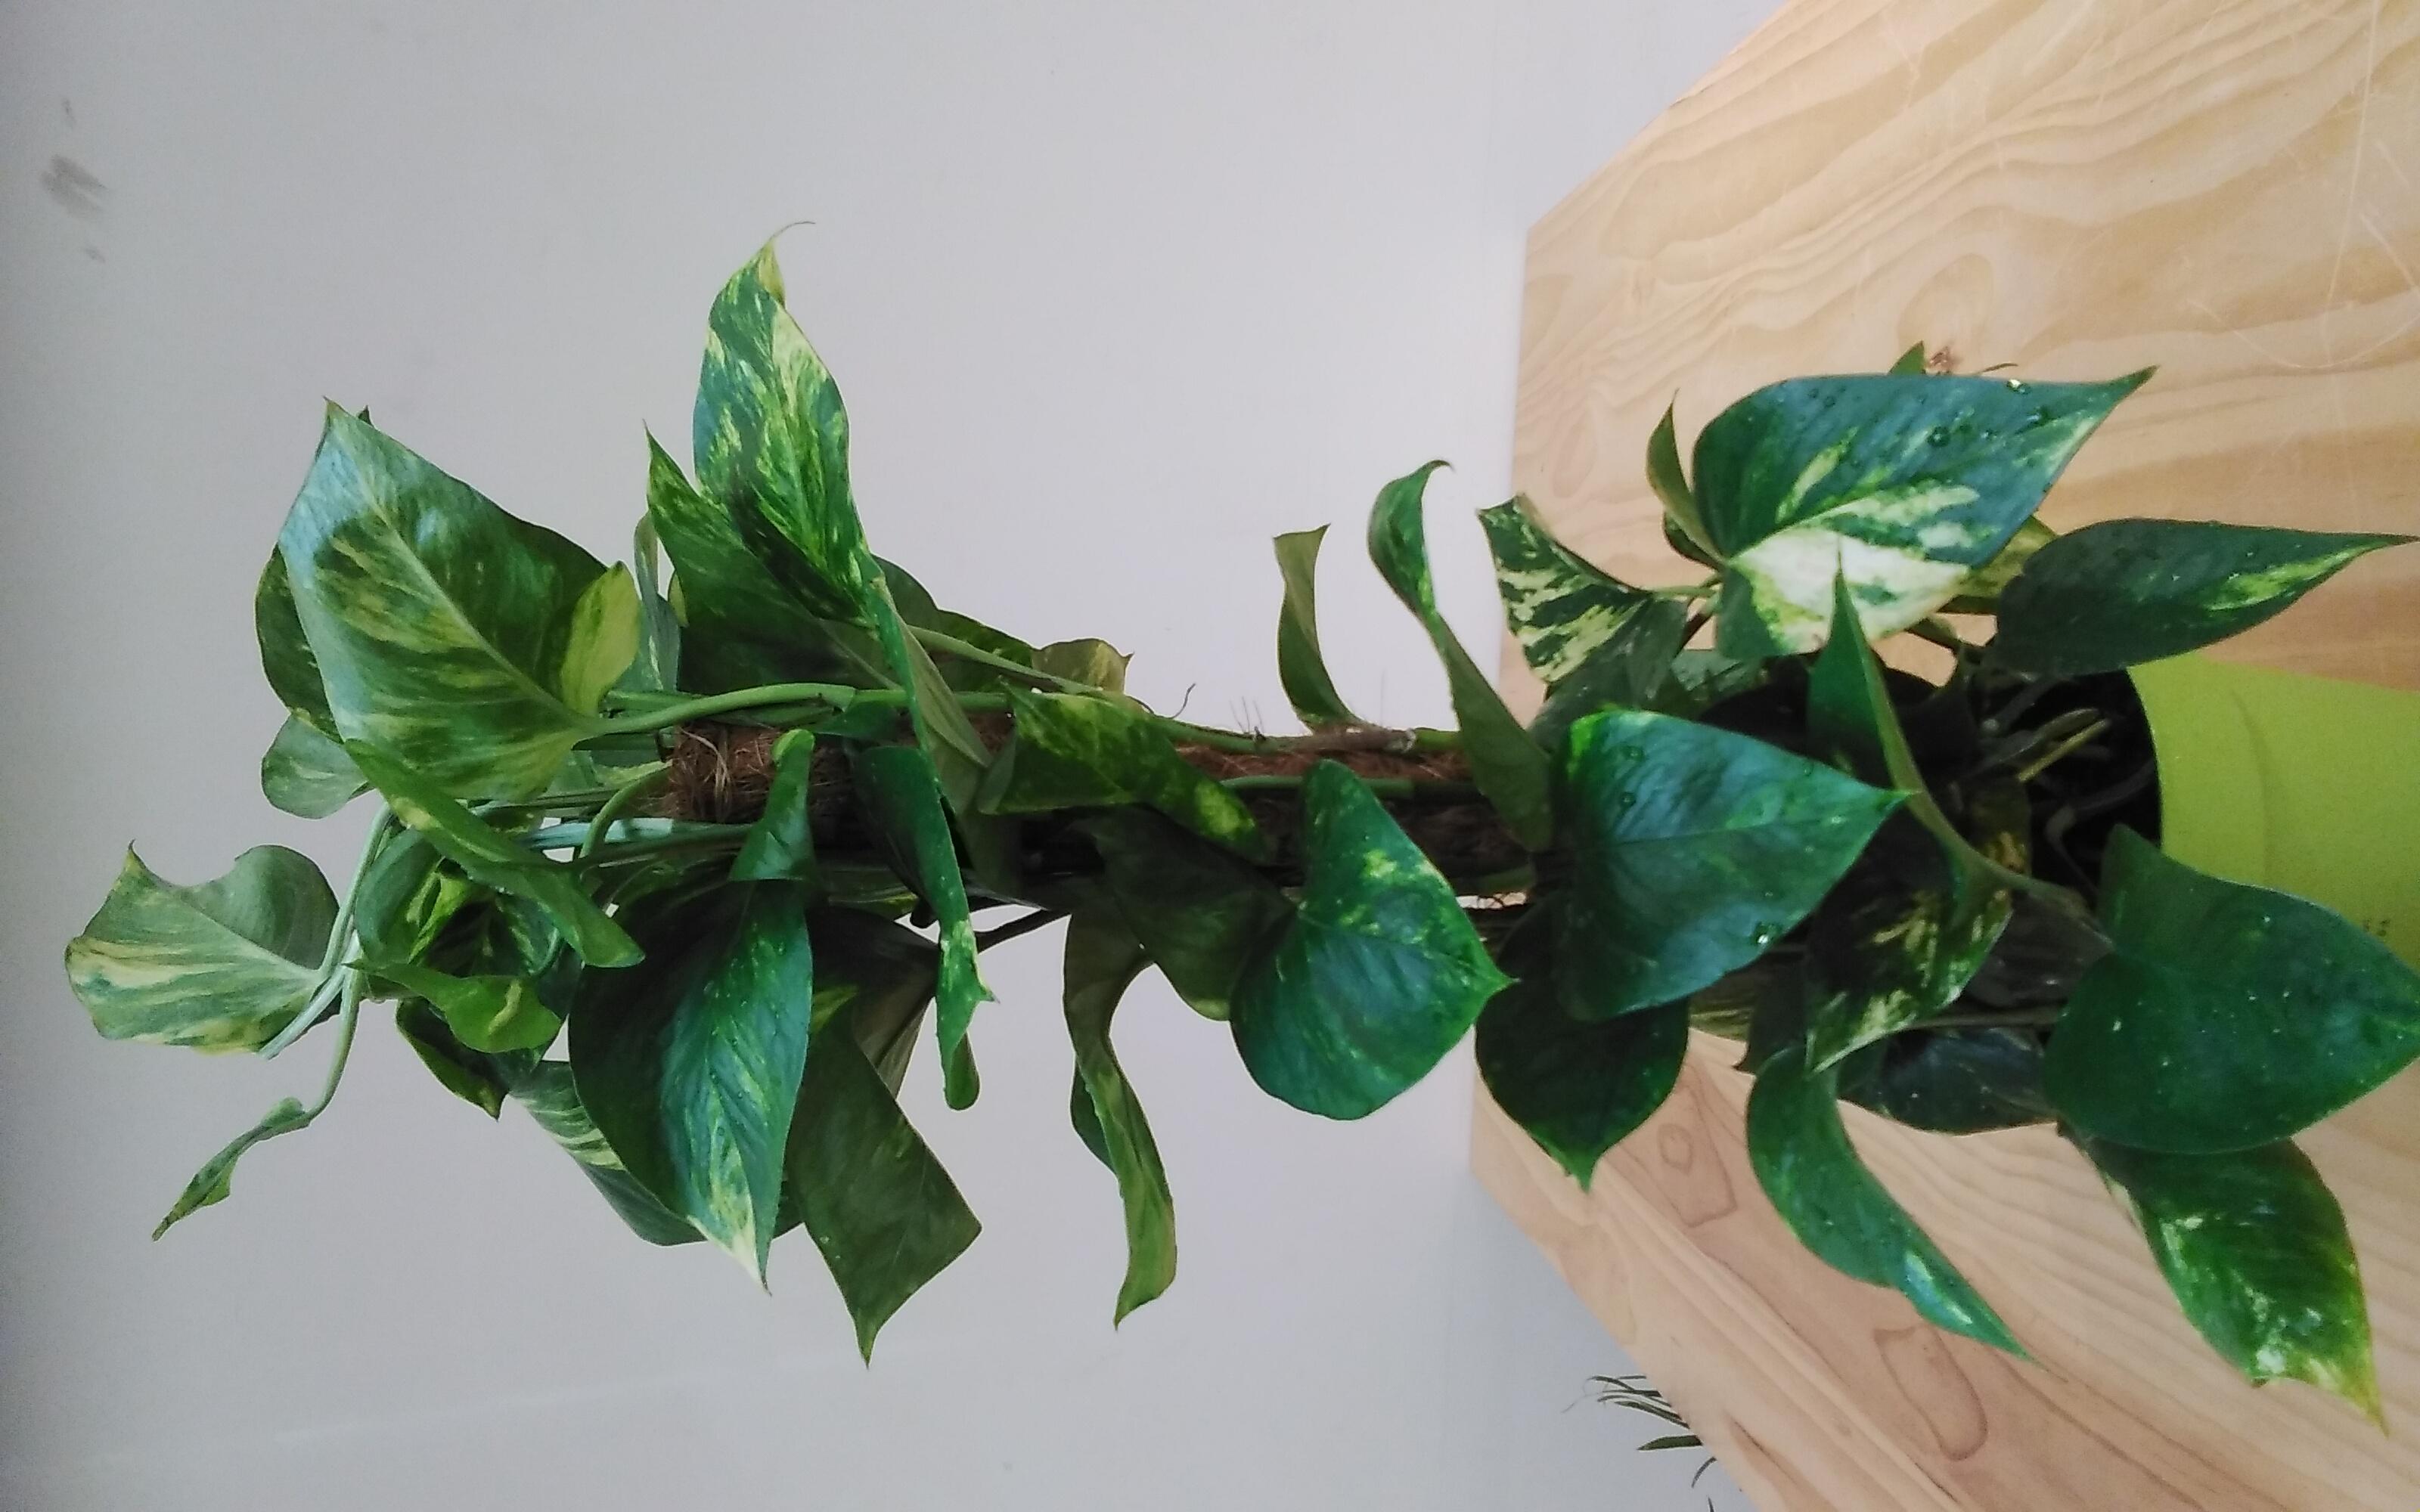 Epipremnum Pinn. Mosstick Indoor Plants